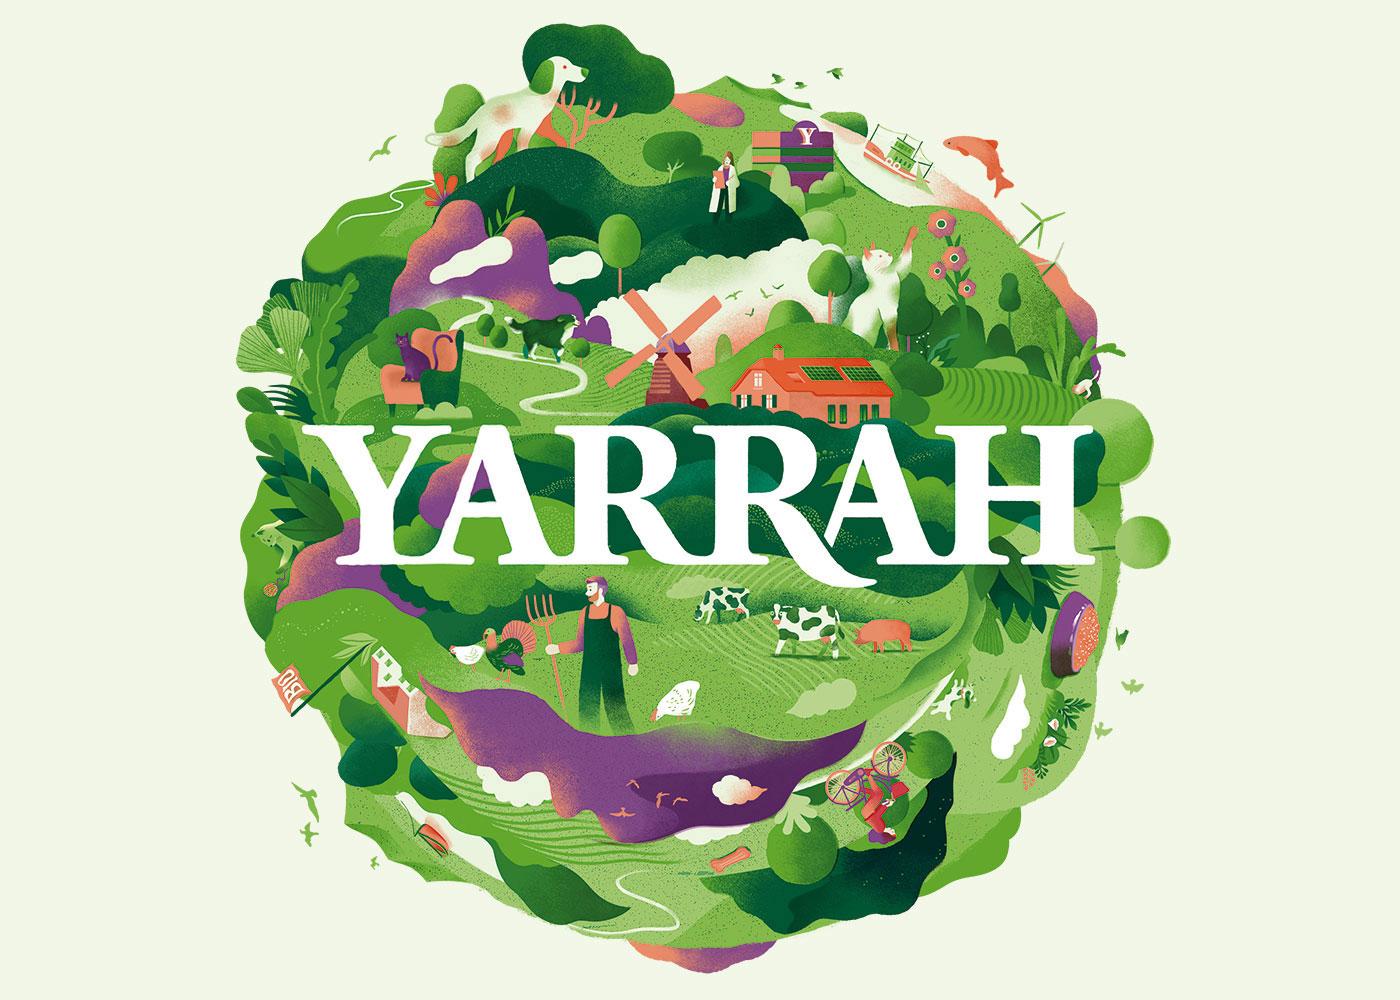 Yarrah produziert nachhaltiges Tierfutter.